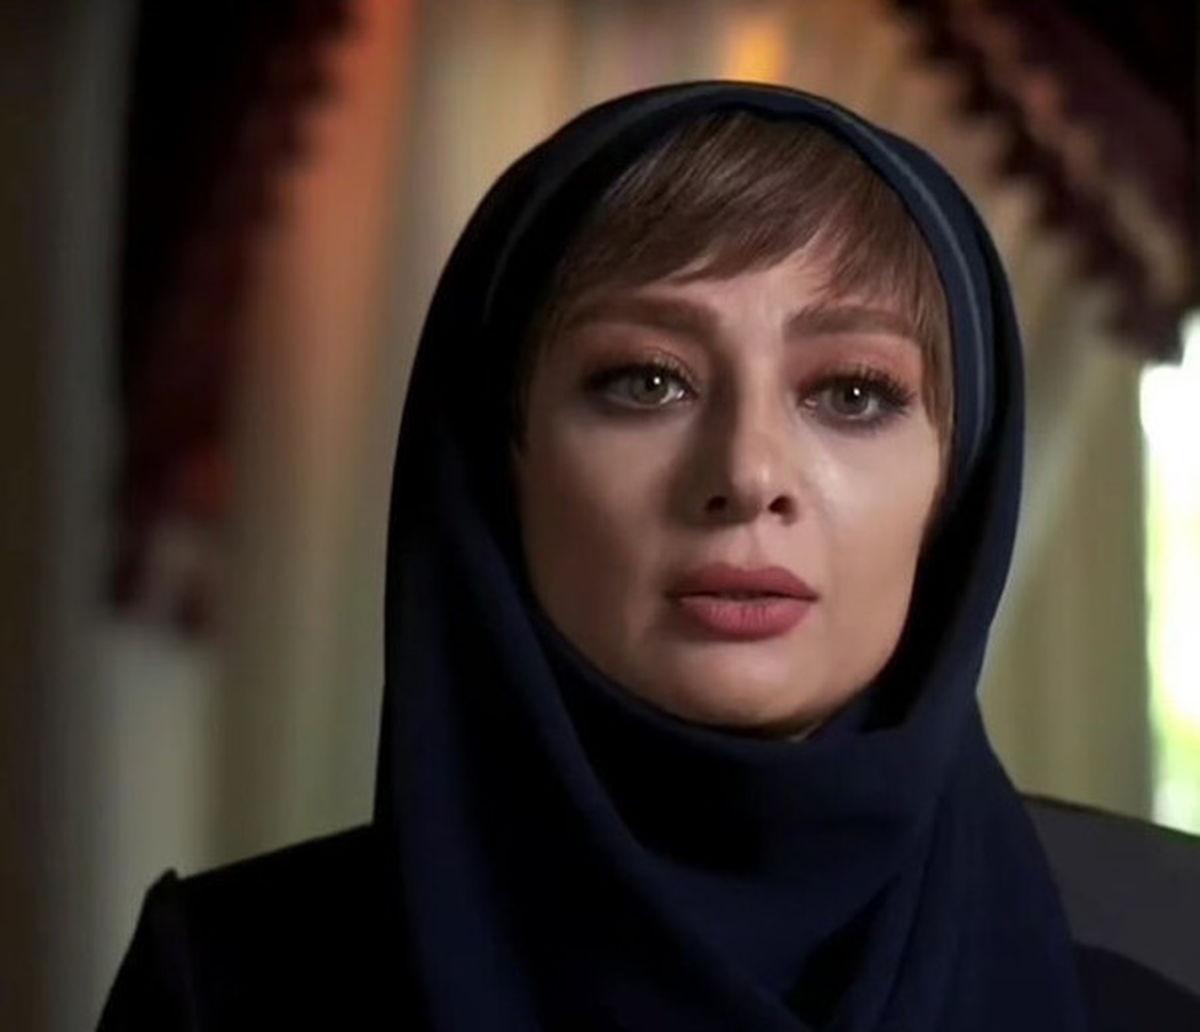 آواز خوانی یکتا ناصر از شادمهر عقیلی! +فیلم جنجالی